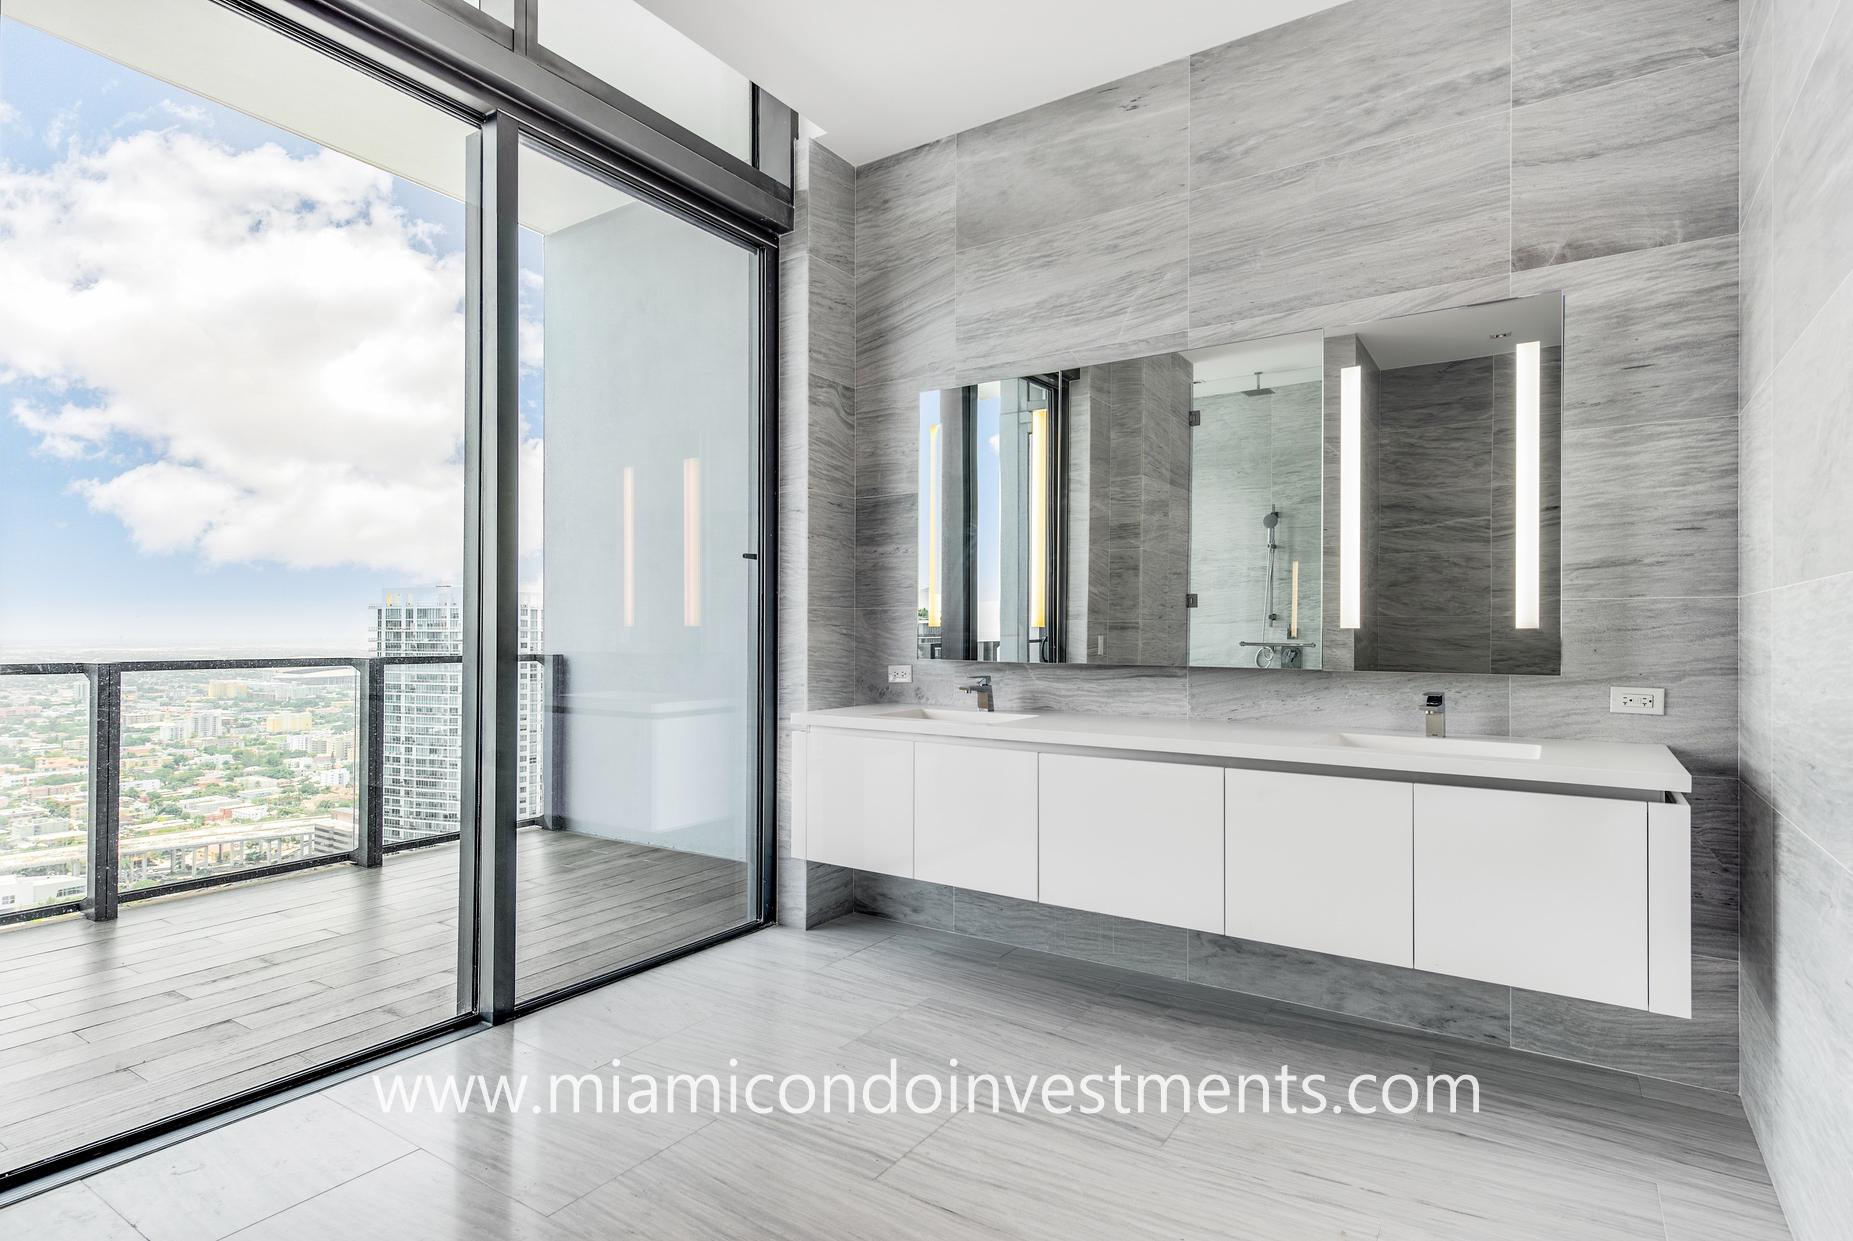 luxury bathroom with double vanity